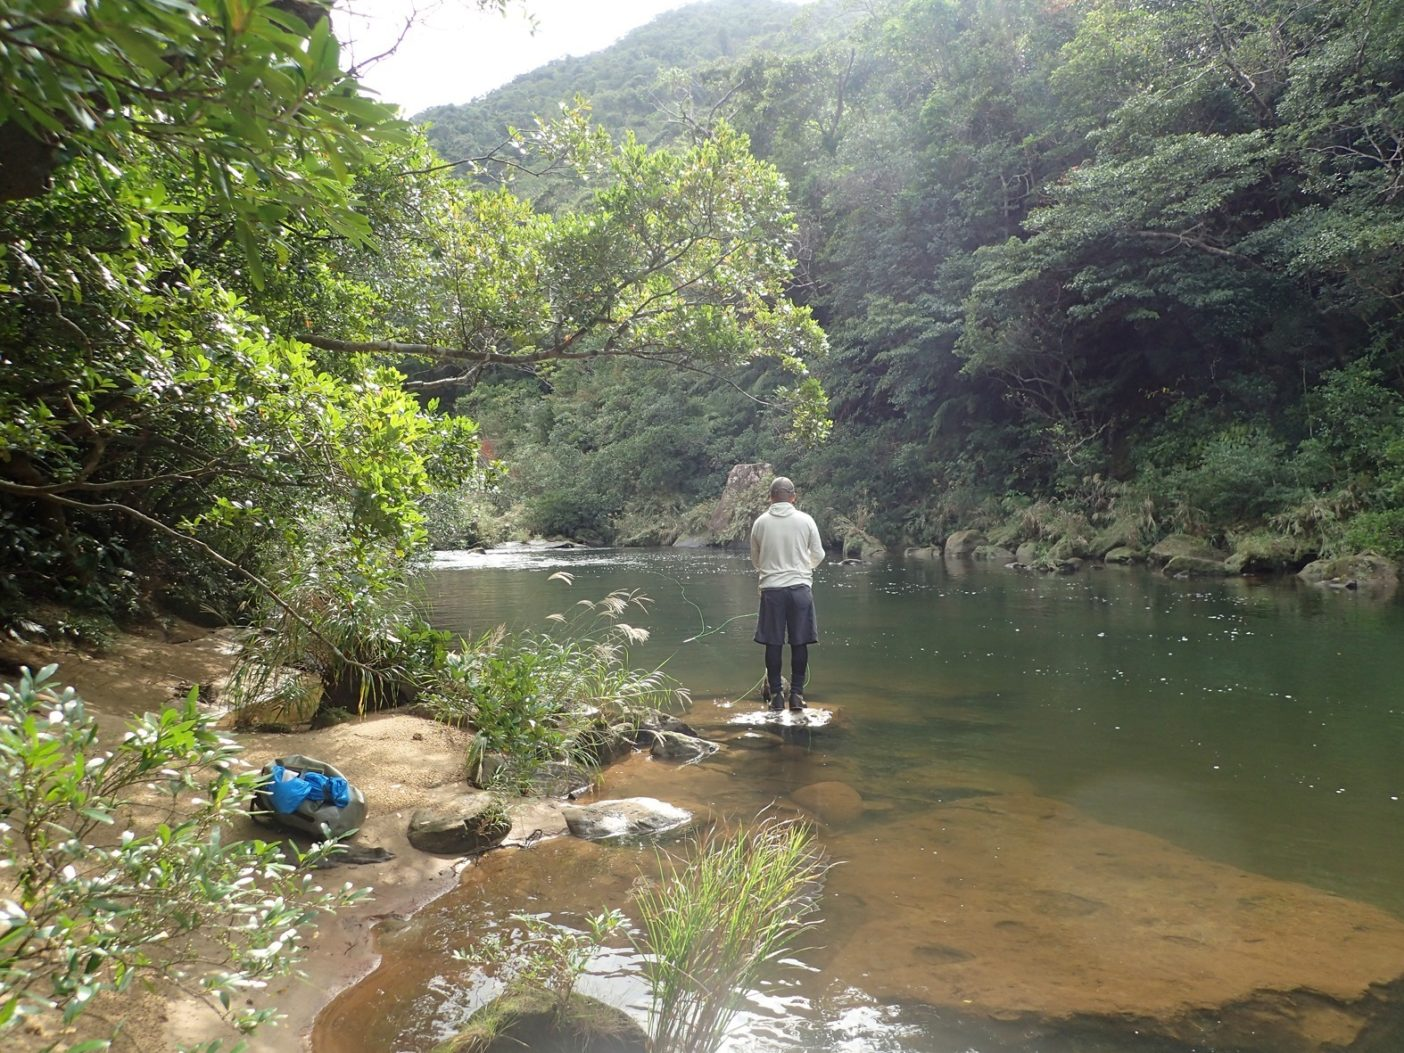 ユゴイはおおらかに反応してくれるし、開けた流れなので難しい釣りではない。写真:中根 淳一